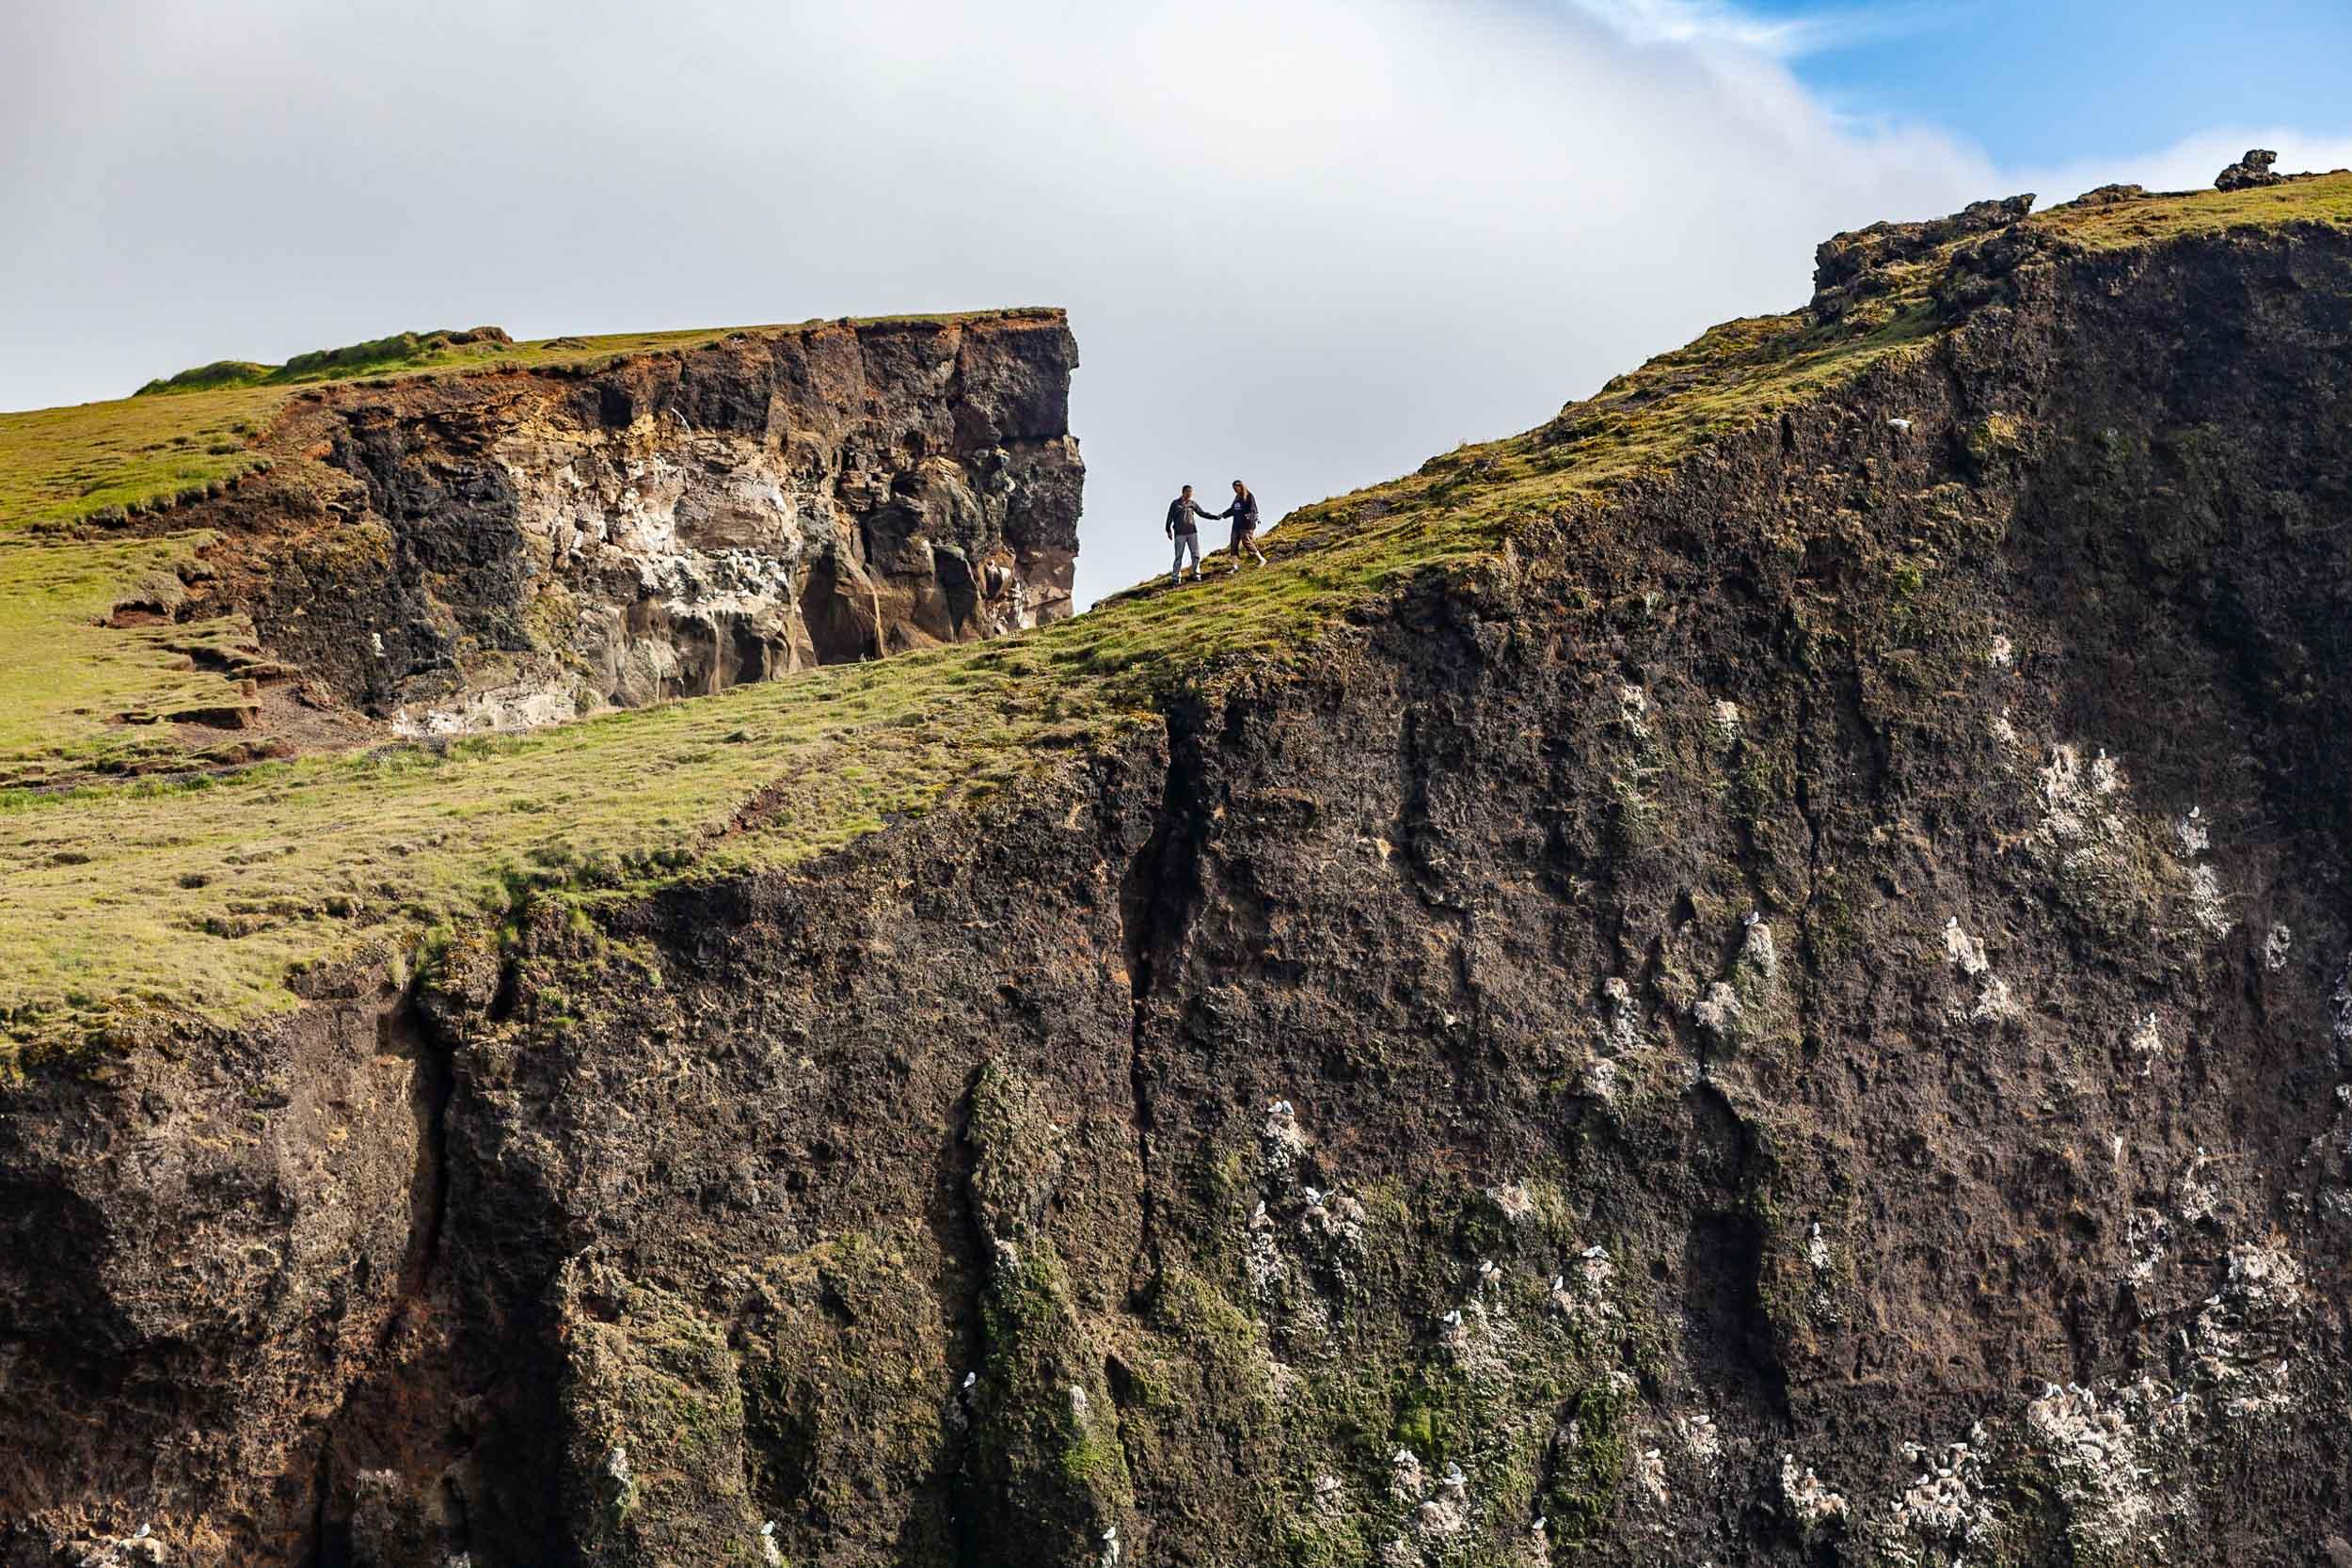 Hikers on Valahnúkar bird cliffs